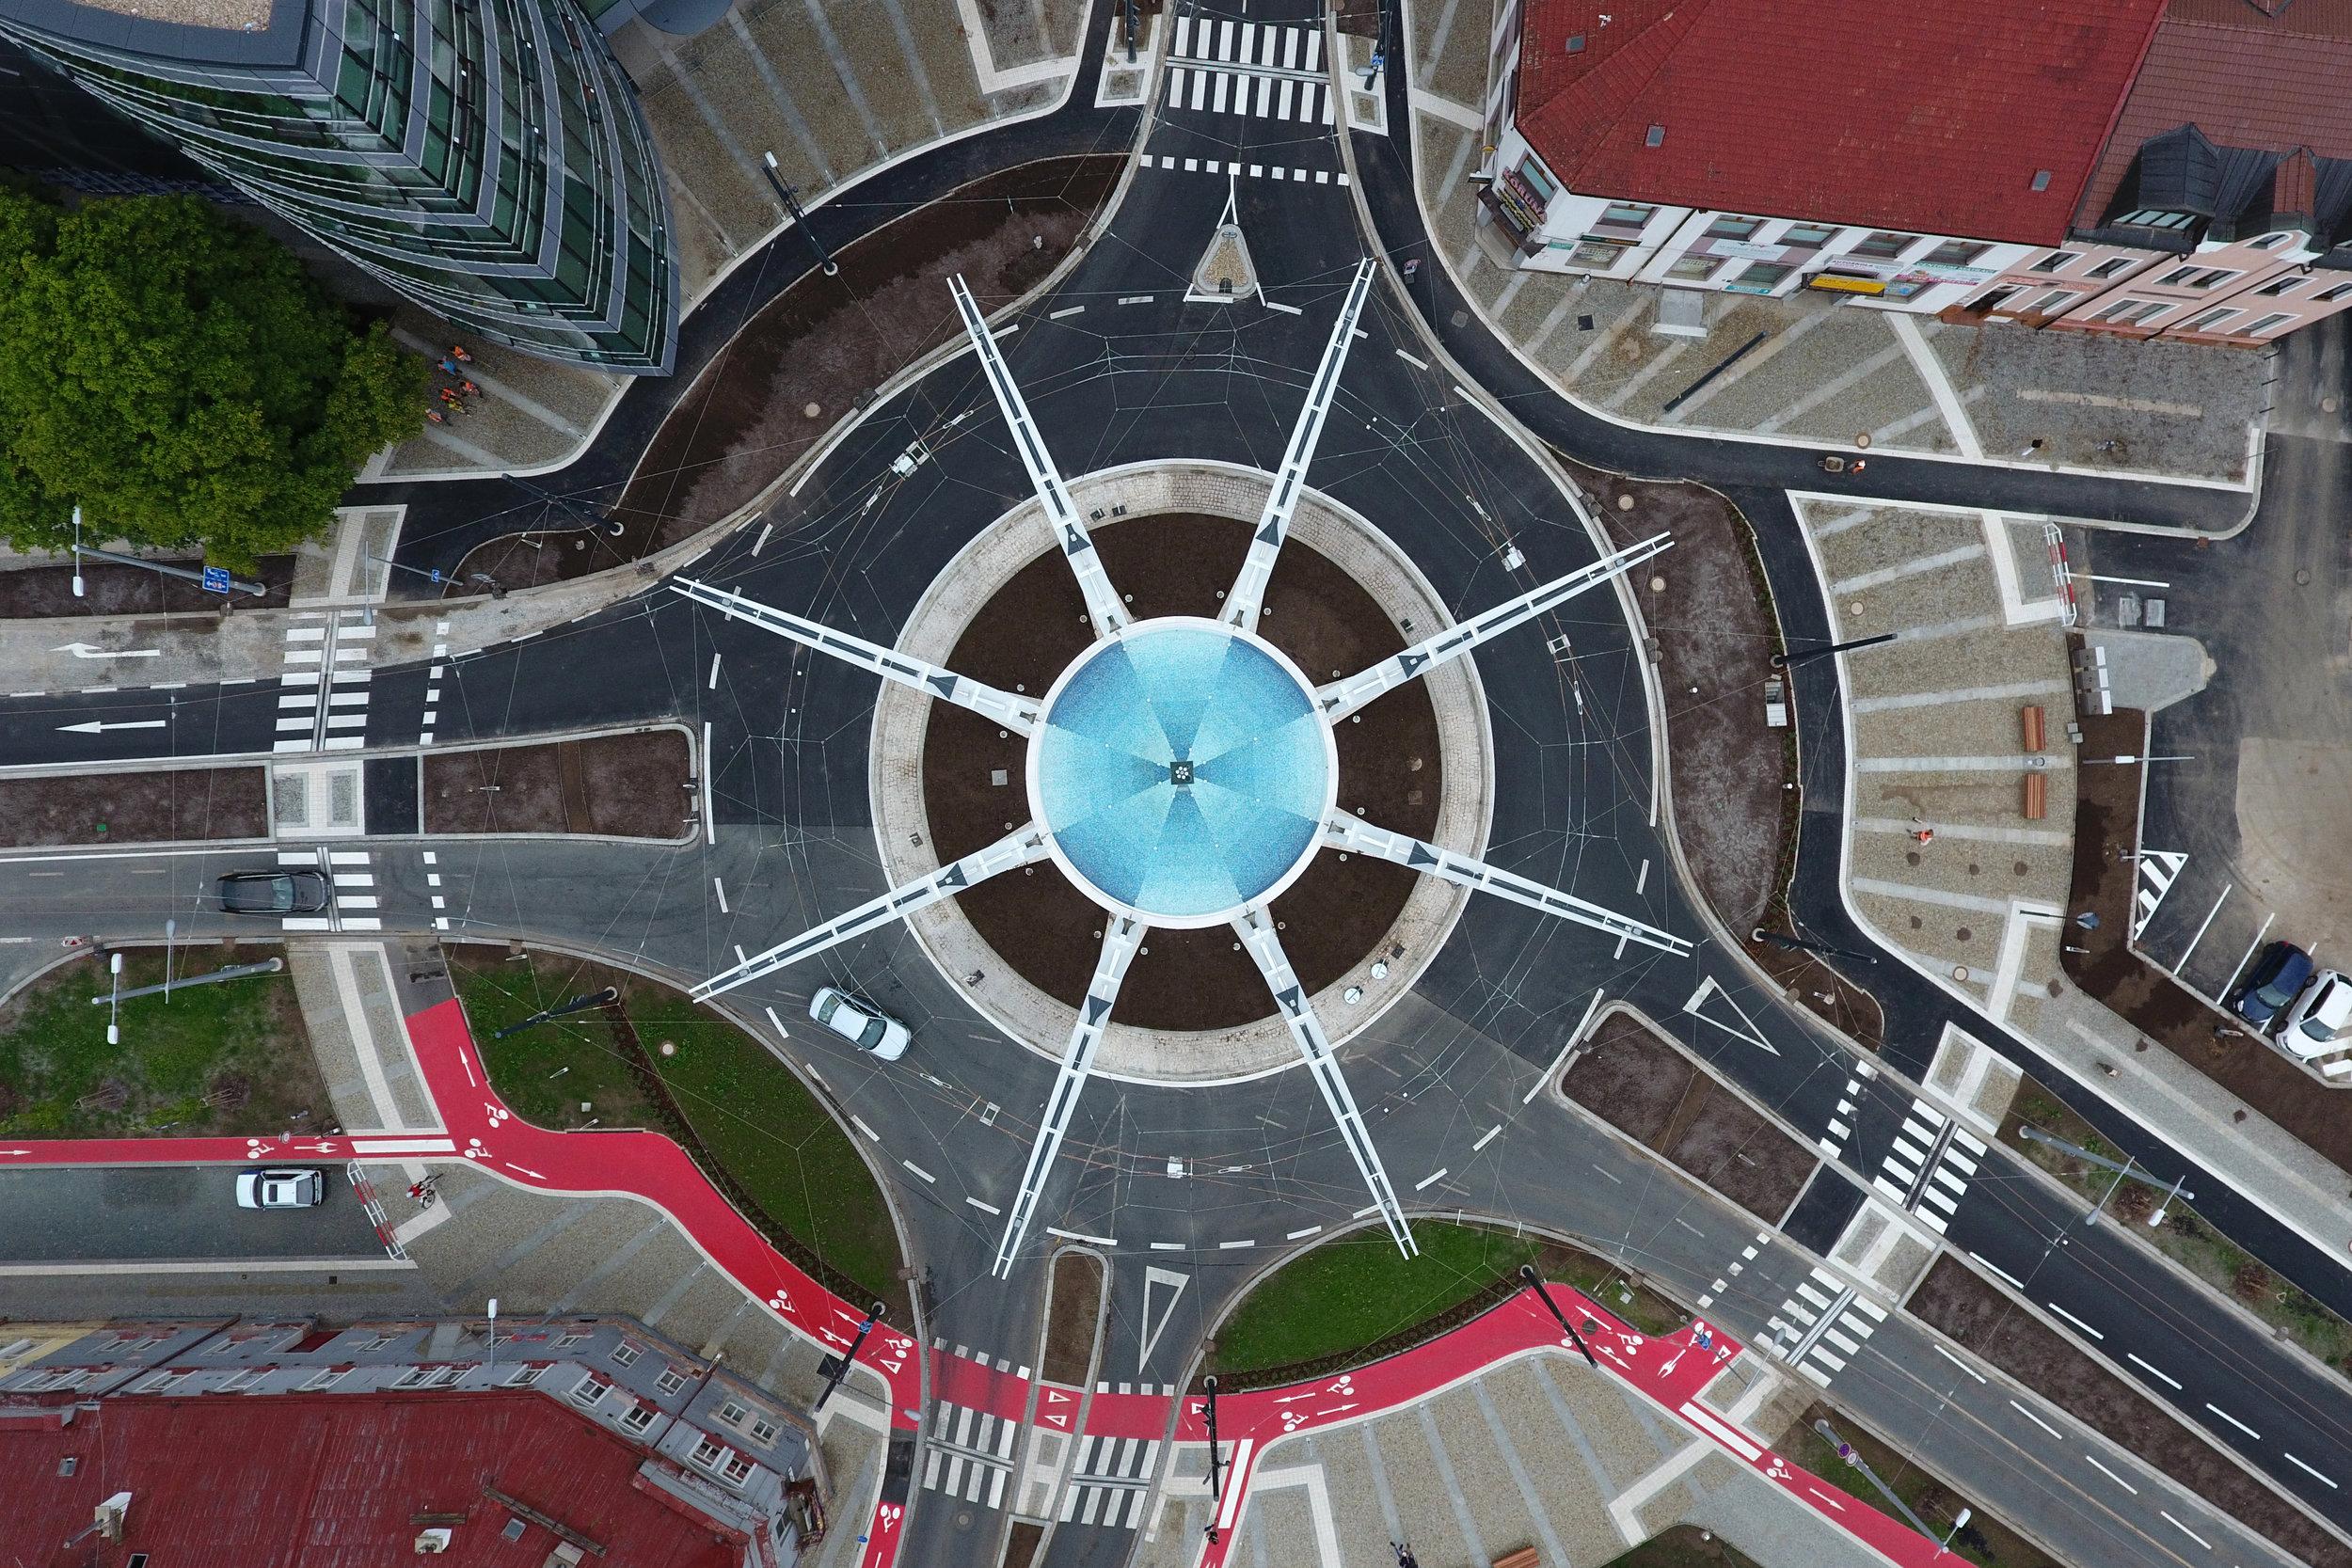 Křižovatka U Koruny v Hradci Králové pracuje významně s motivem kruhu. Prakticky veškeré součásti byly navrženy tak, aby tvořily dokonalou kružnici. To platí i pro trolejové vedení, které zavěsila společnost Elektrizace železnic, přičemž muselo být použito několik inovací na to, aby bylo požadovaného kruhového tvaru trolejového vedení dosaženo. Podrobně jsme se této stavbě věnovali v čísle 3/2016. (foto: atelier Patrika Kotase)